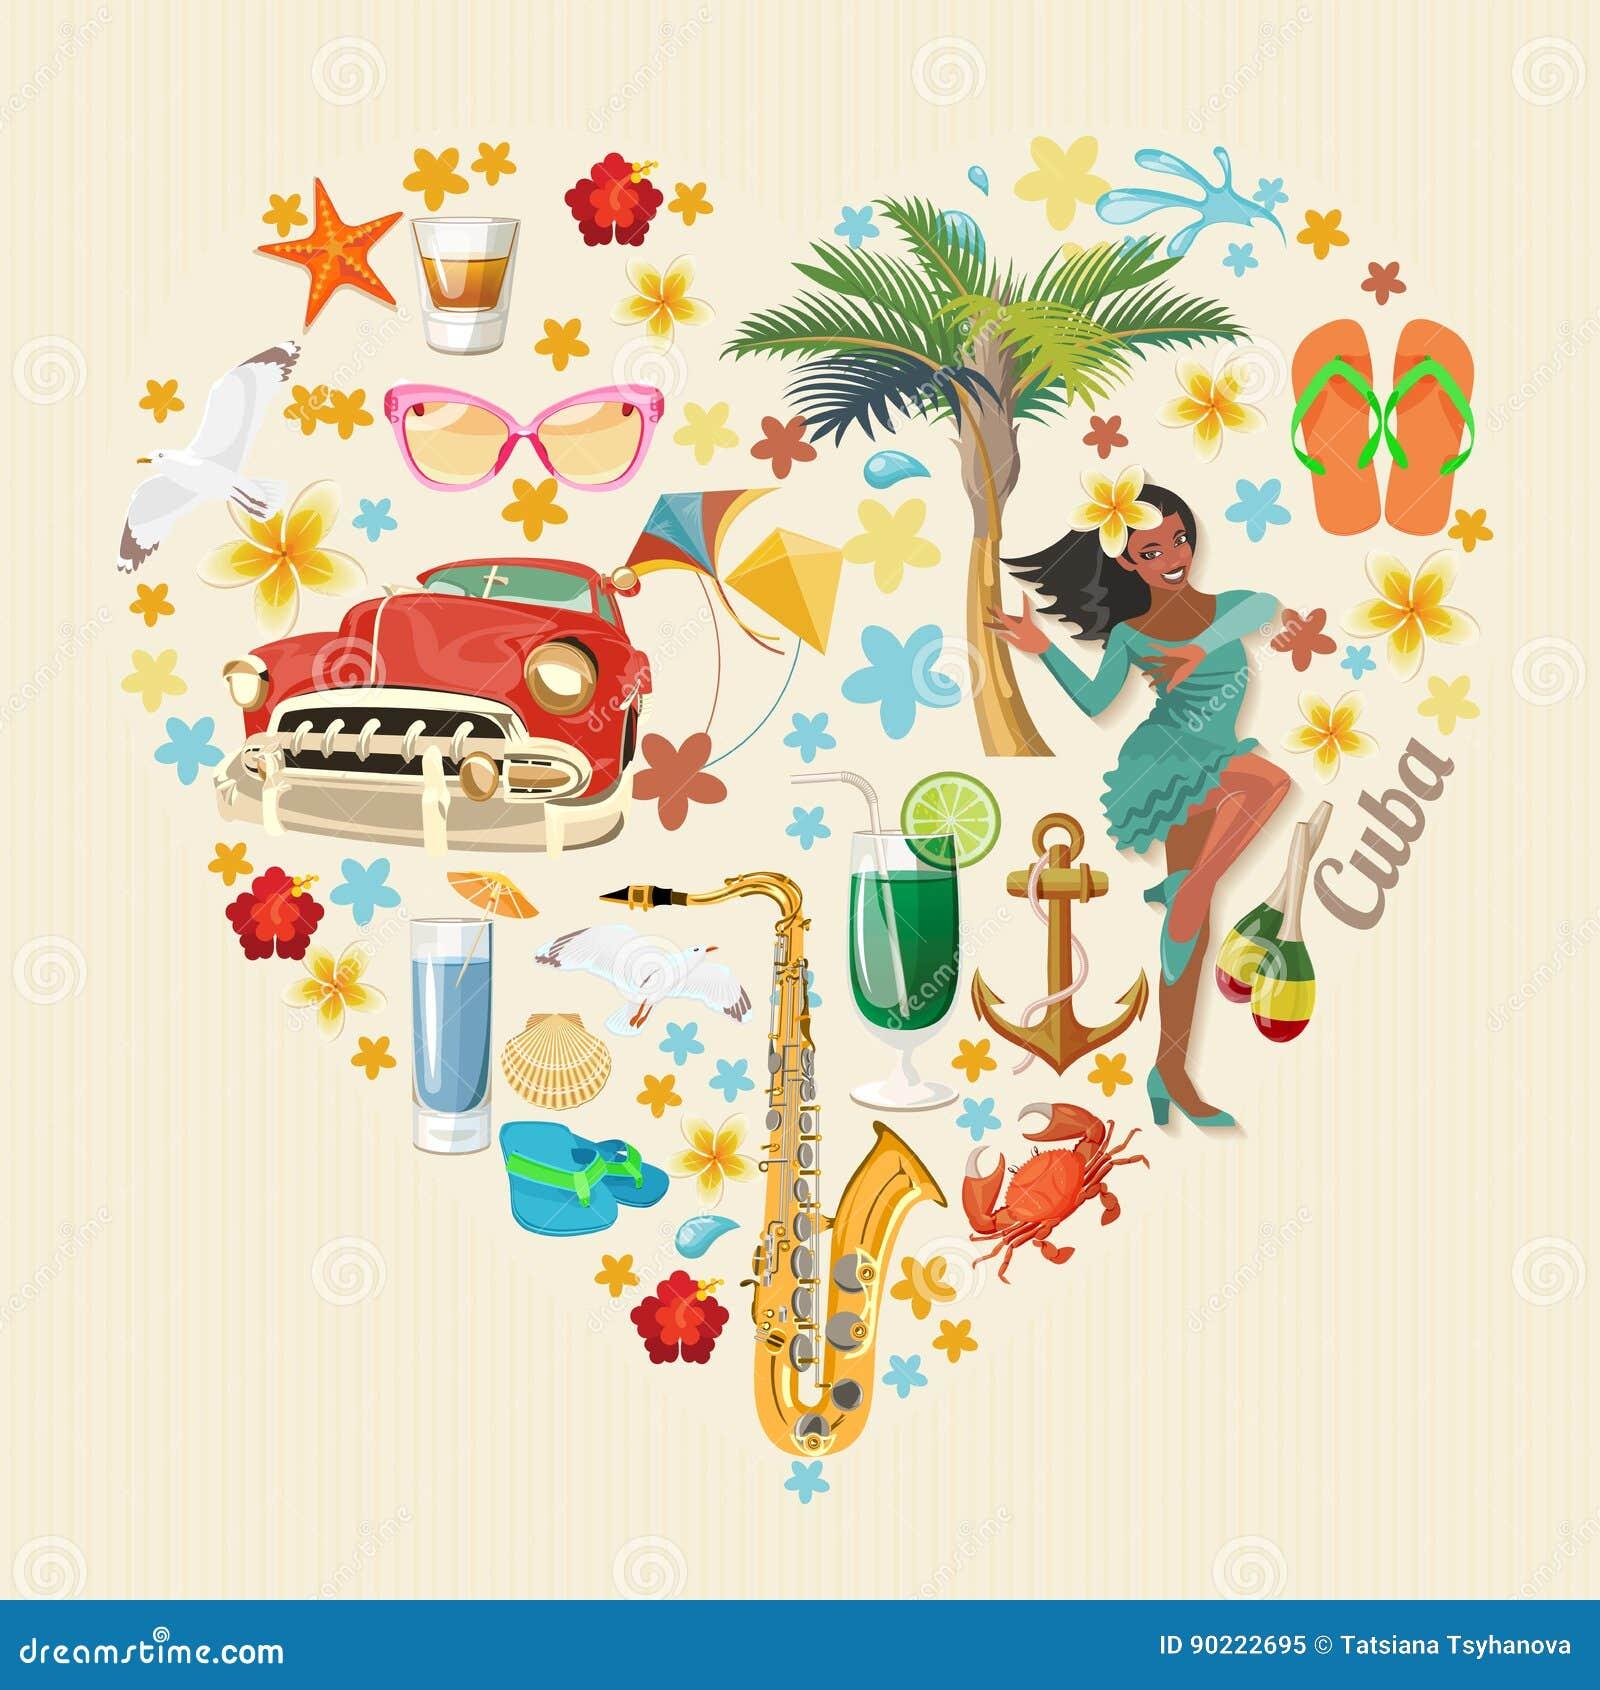 Cuban dating culture